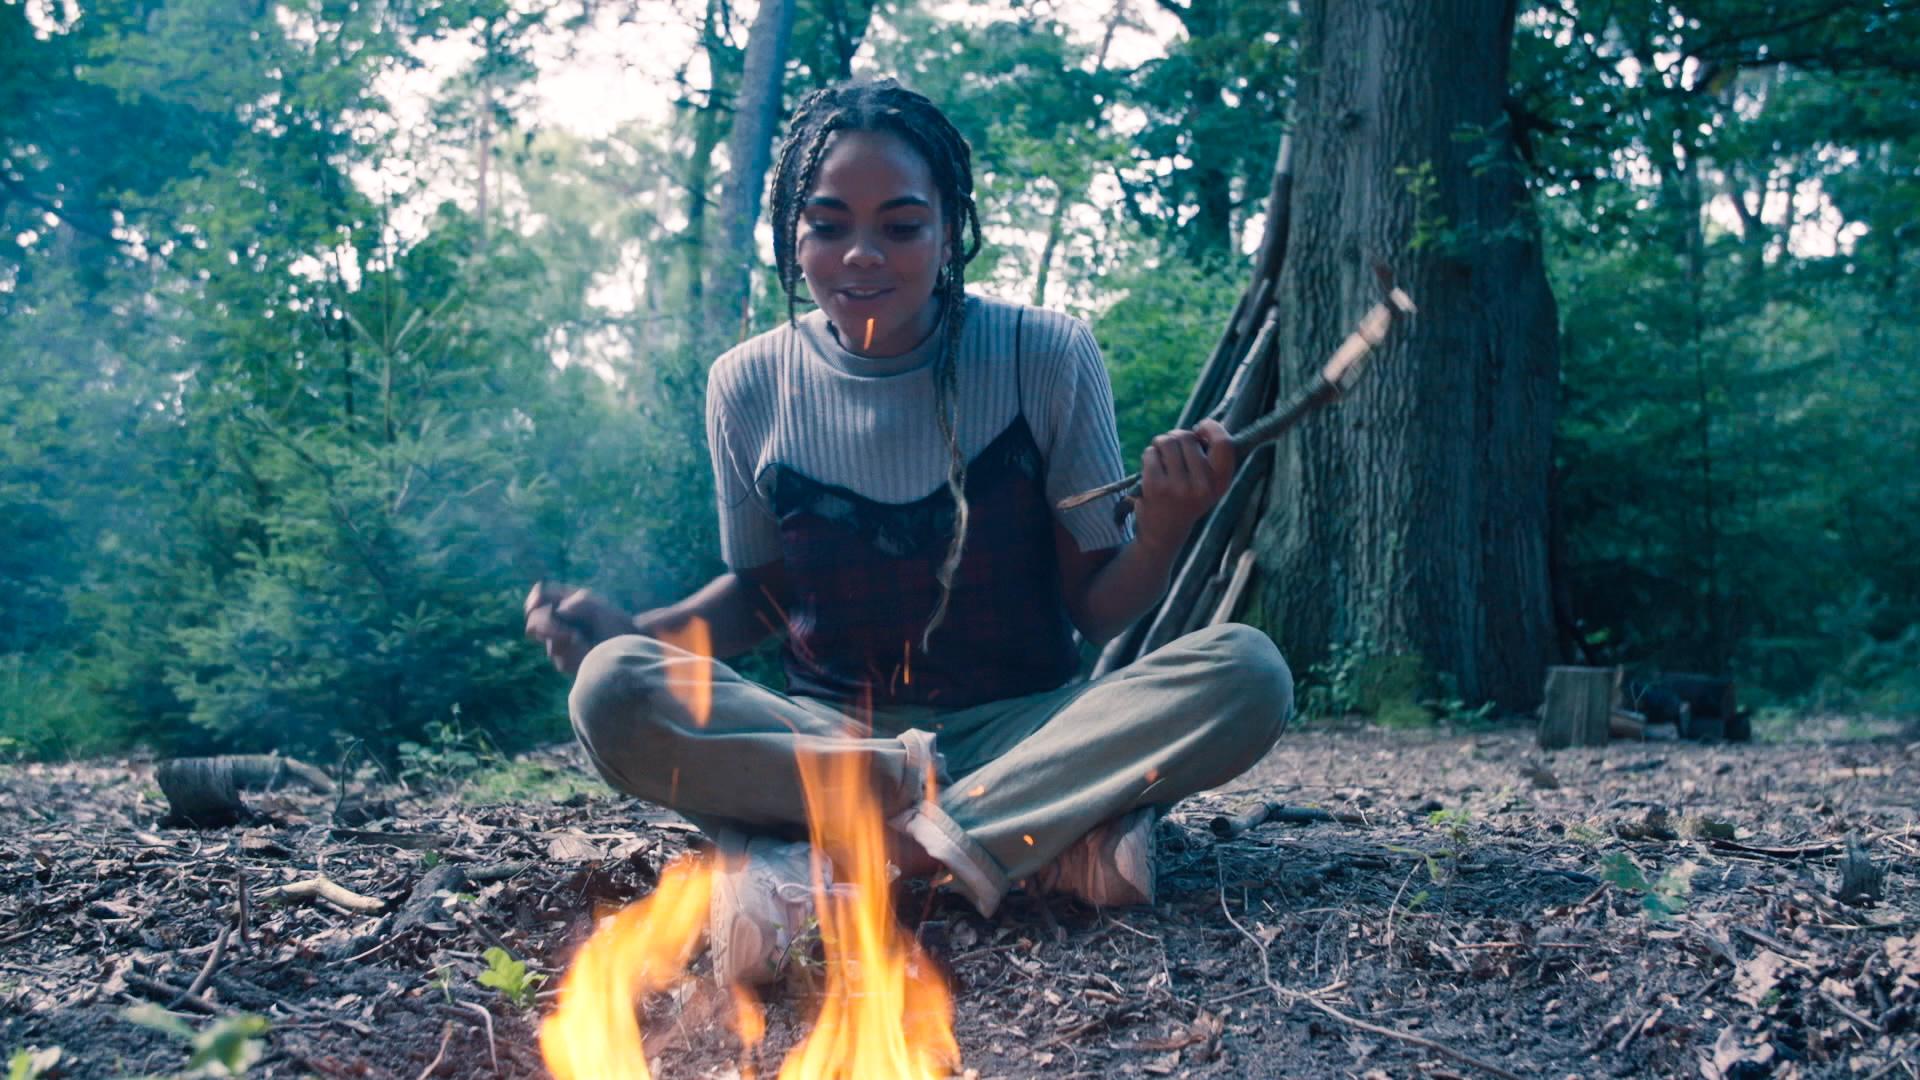 Afbeelding van Dzifa se vuelve de acampada libre en lugares sorprendentes en la naturaleza holandesa